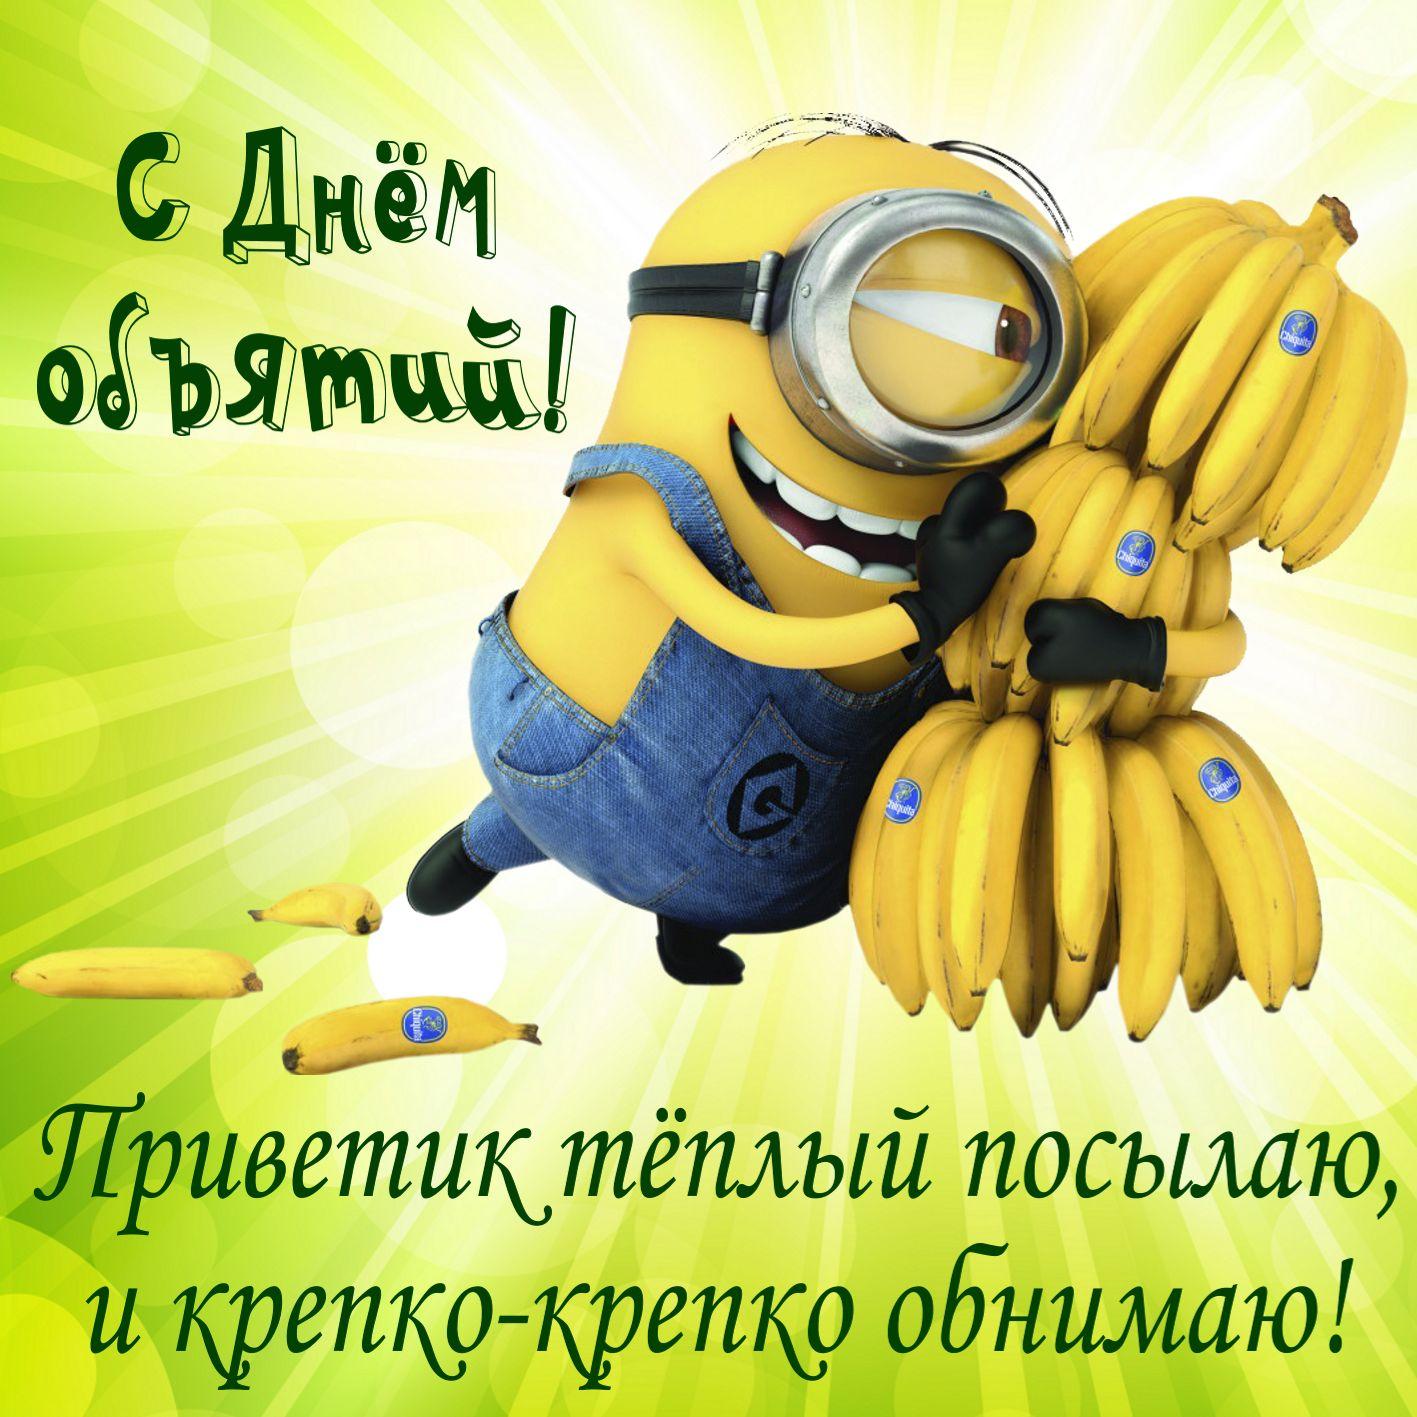 Открытка на День объятий - Миньон в обнимку с бананами и пожелание